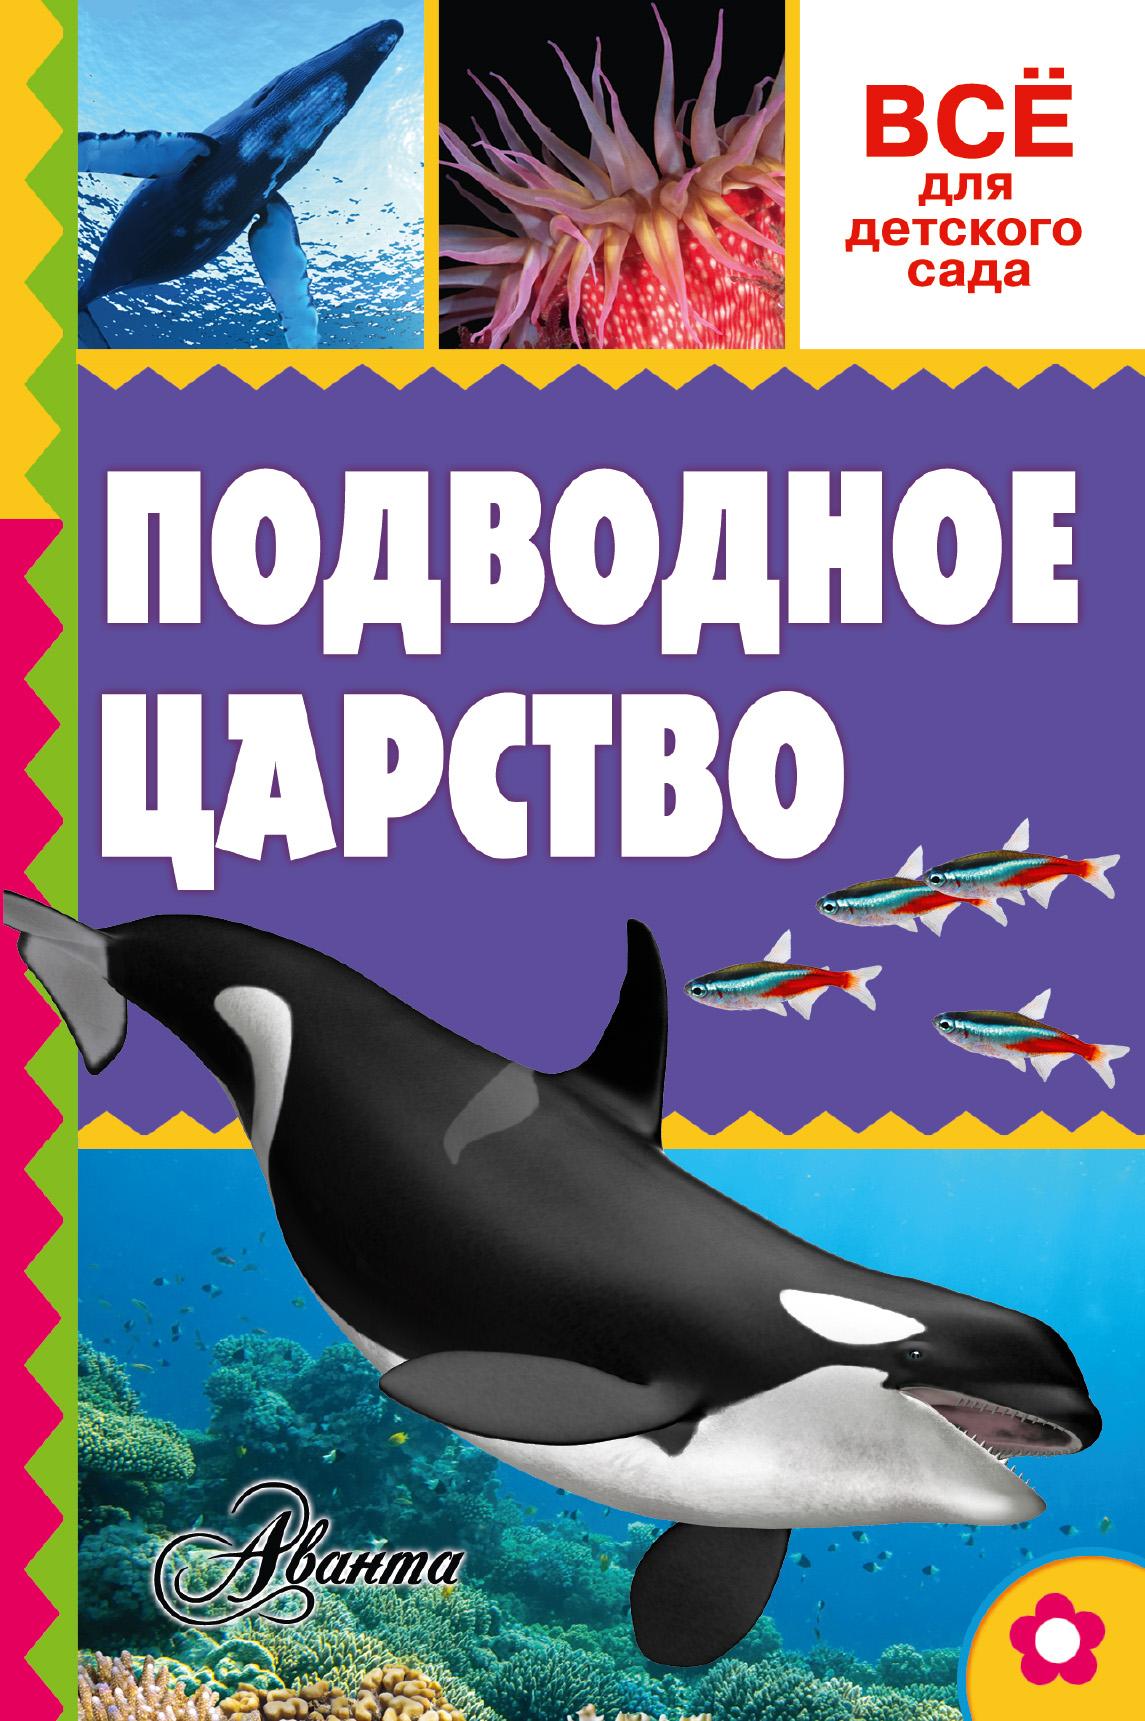 Тихонов А.В. Подводное царство куплю торговля котлас рыба свежемороженная оптом хладокомбинат